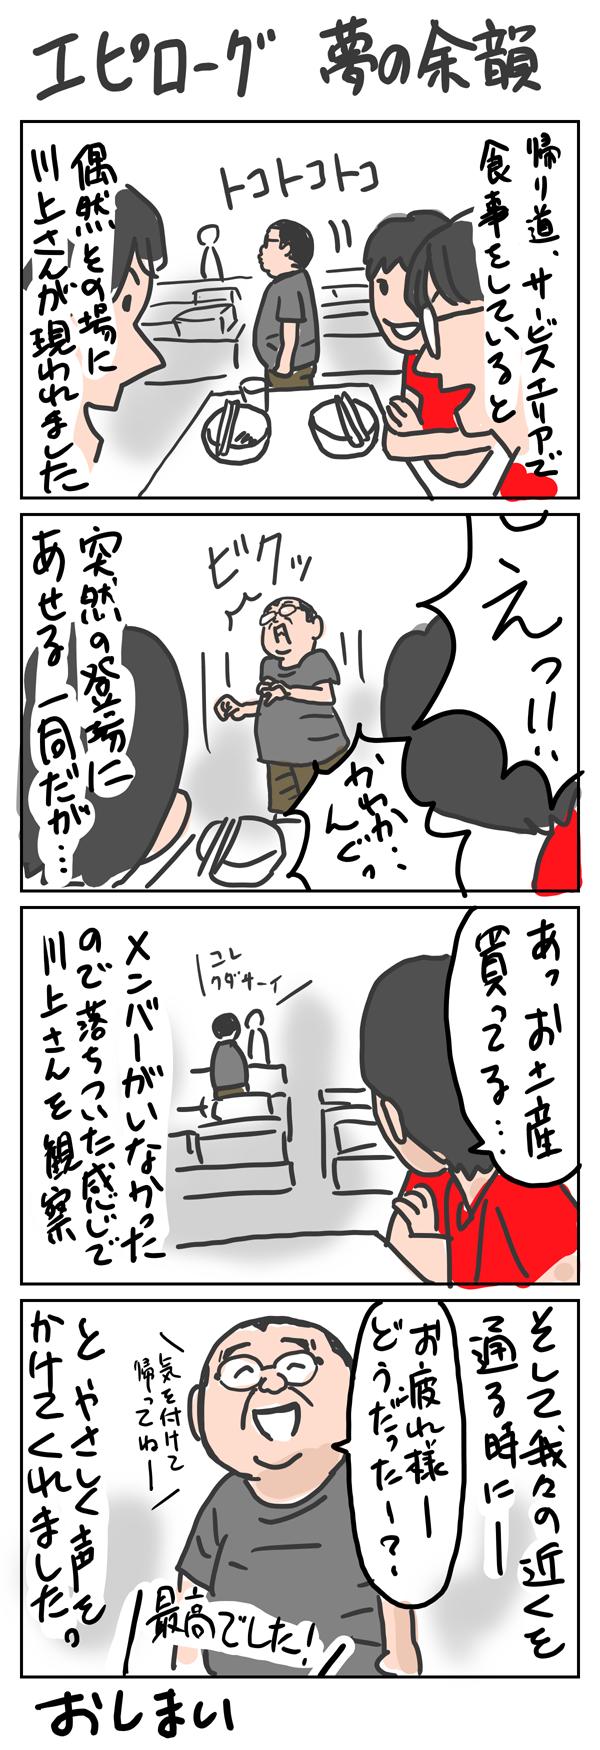 momotamai-kon_4koma_last